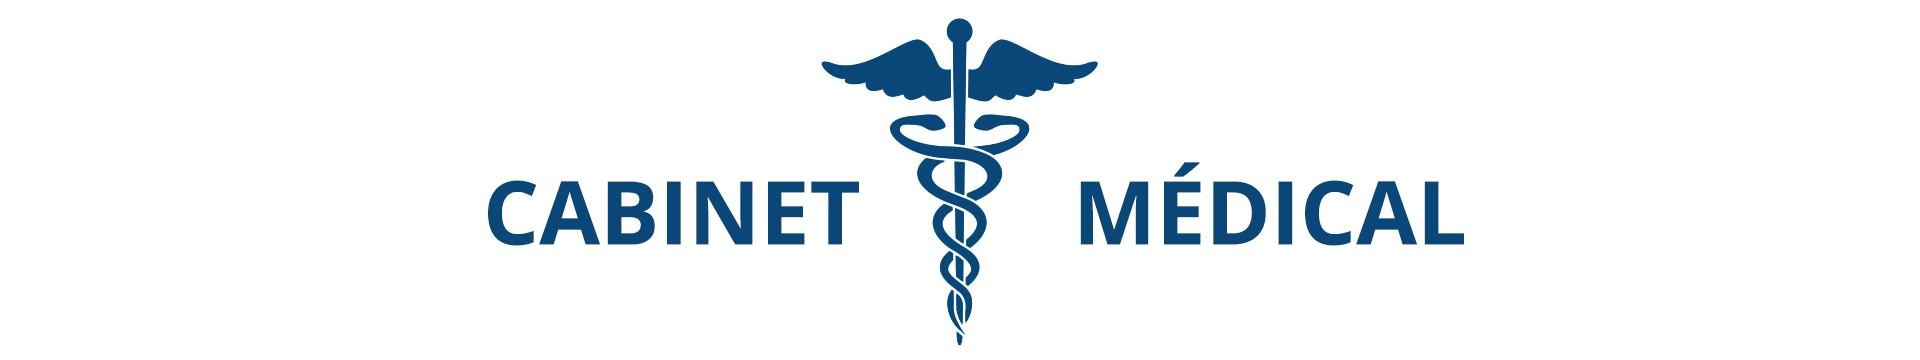 cabinet-medical-01-8908